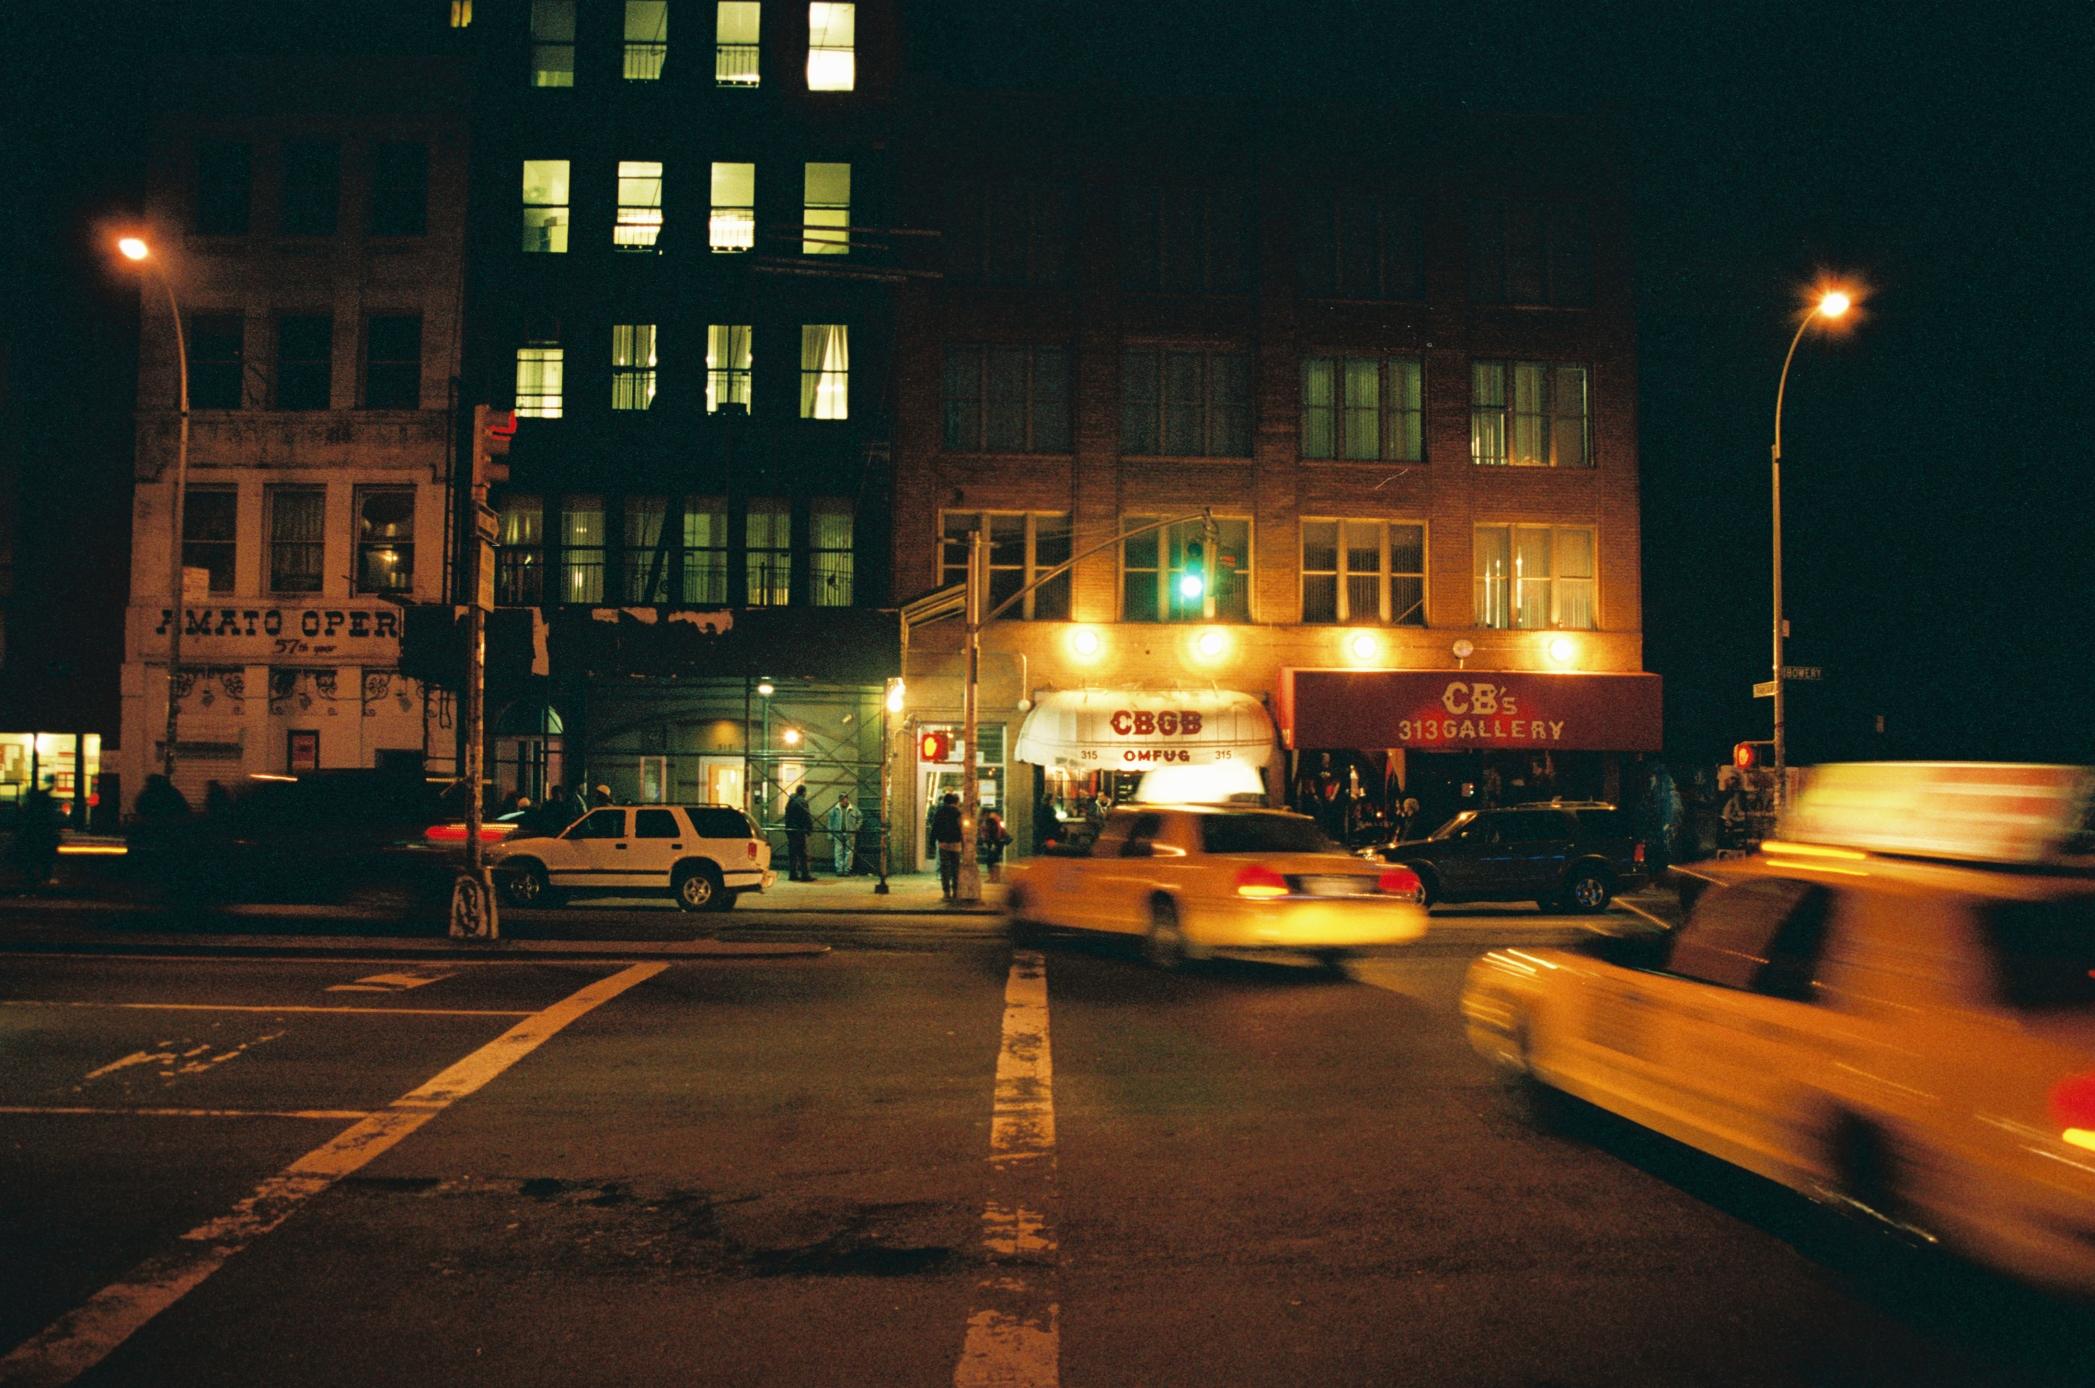 CBGB, 2005. 35mm color slide.